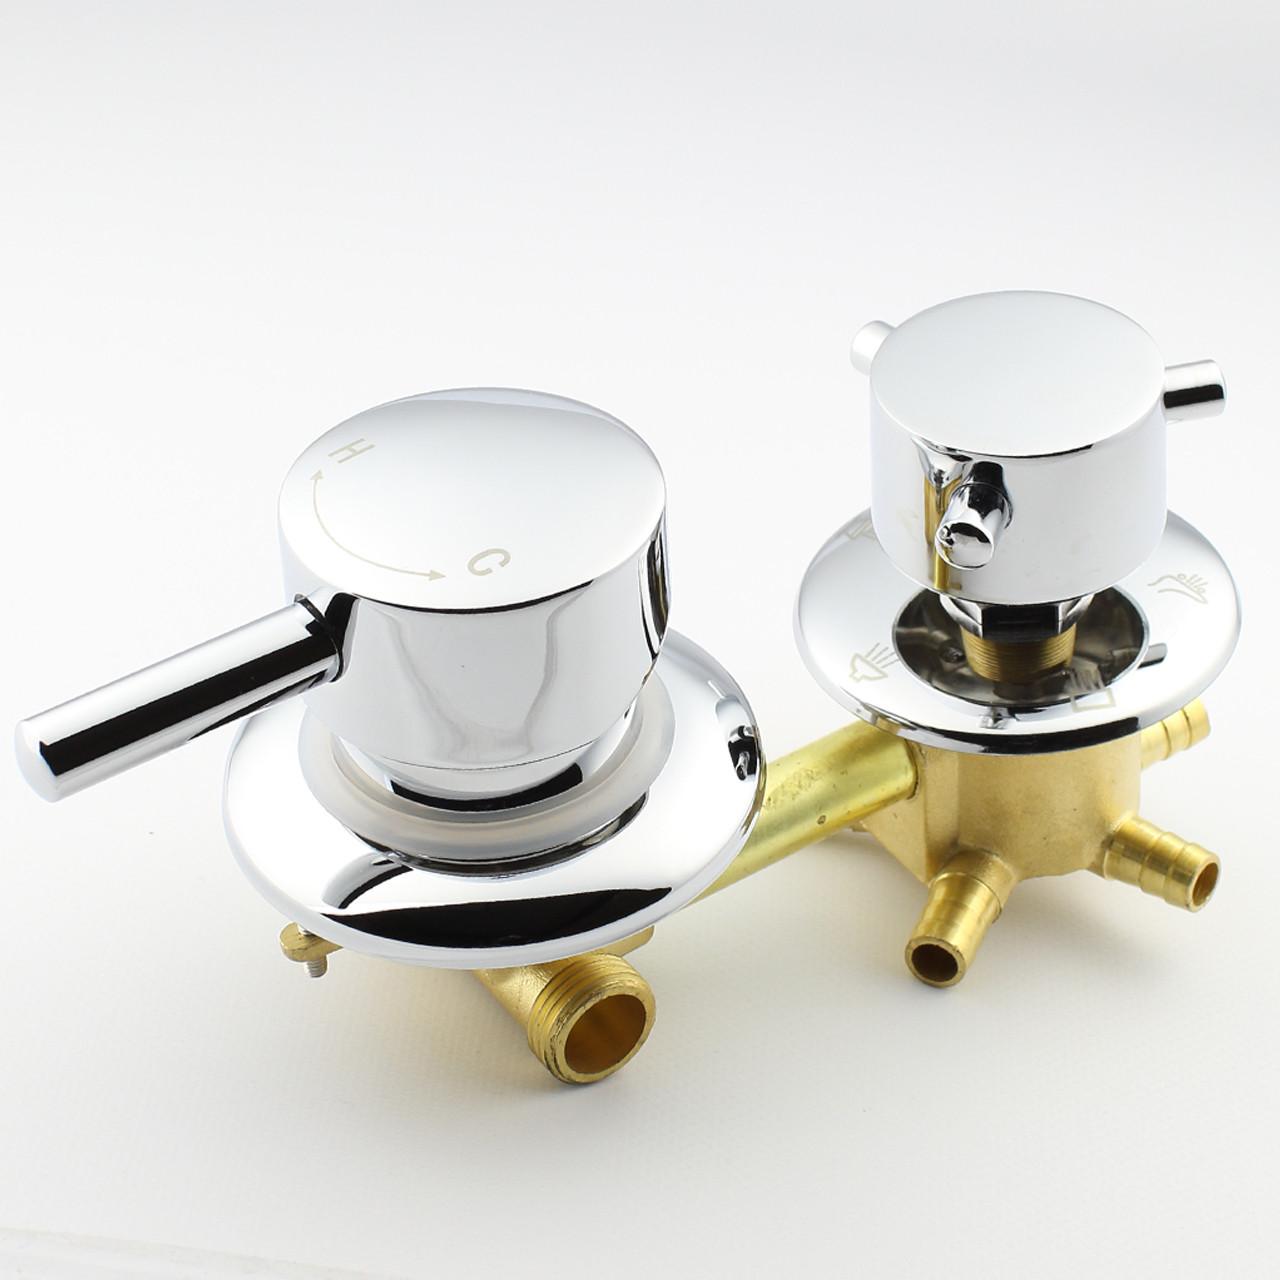 Змішувач для душових кабін, гідромасажних боксів S5-100 на 5 положень.